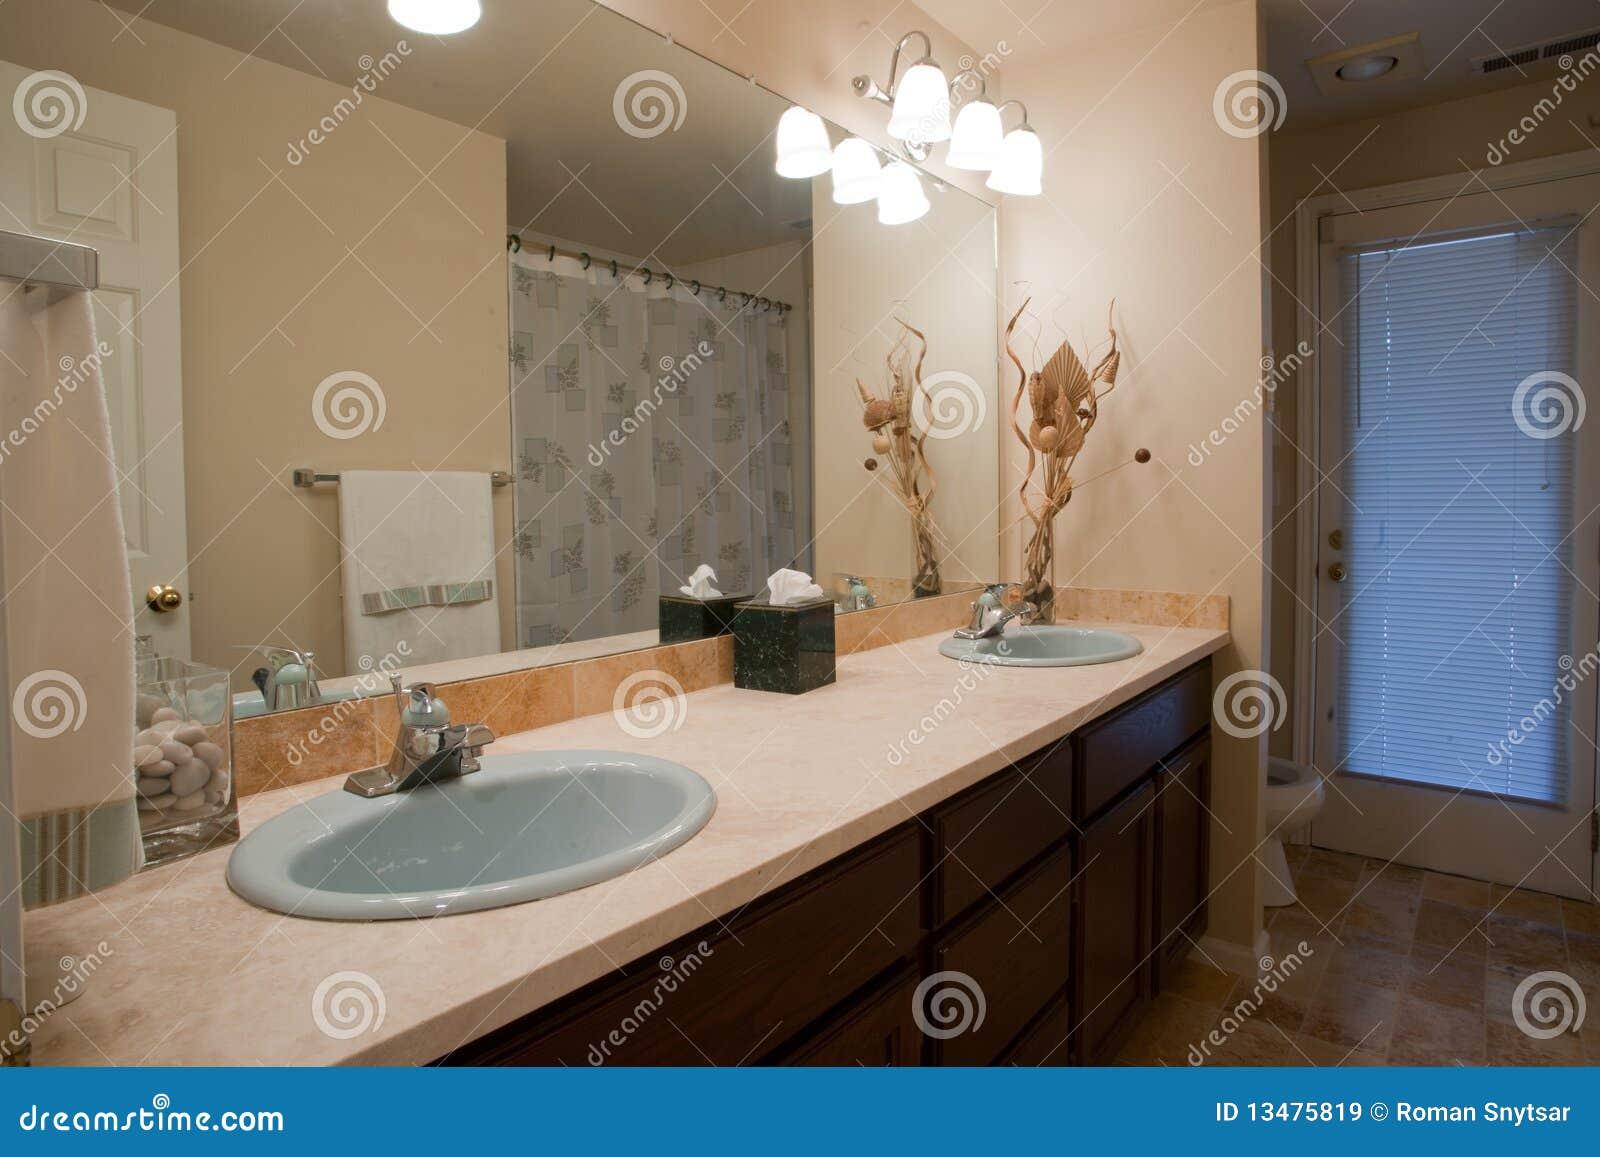 Stor lyxig spegel för badrum royaltyfria bilder   bild: 13475819